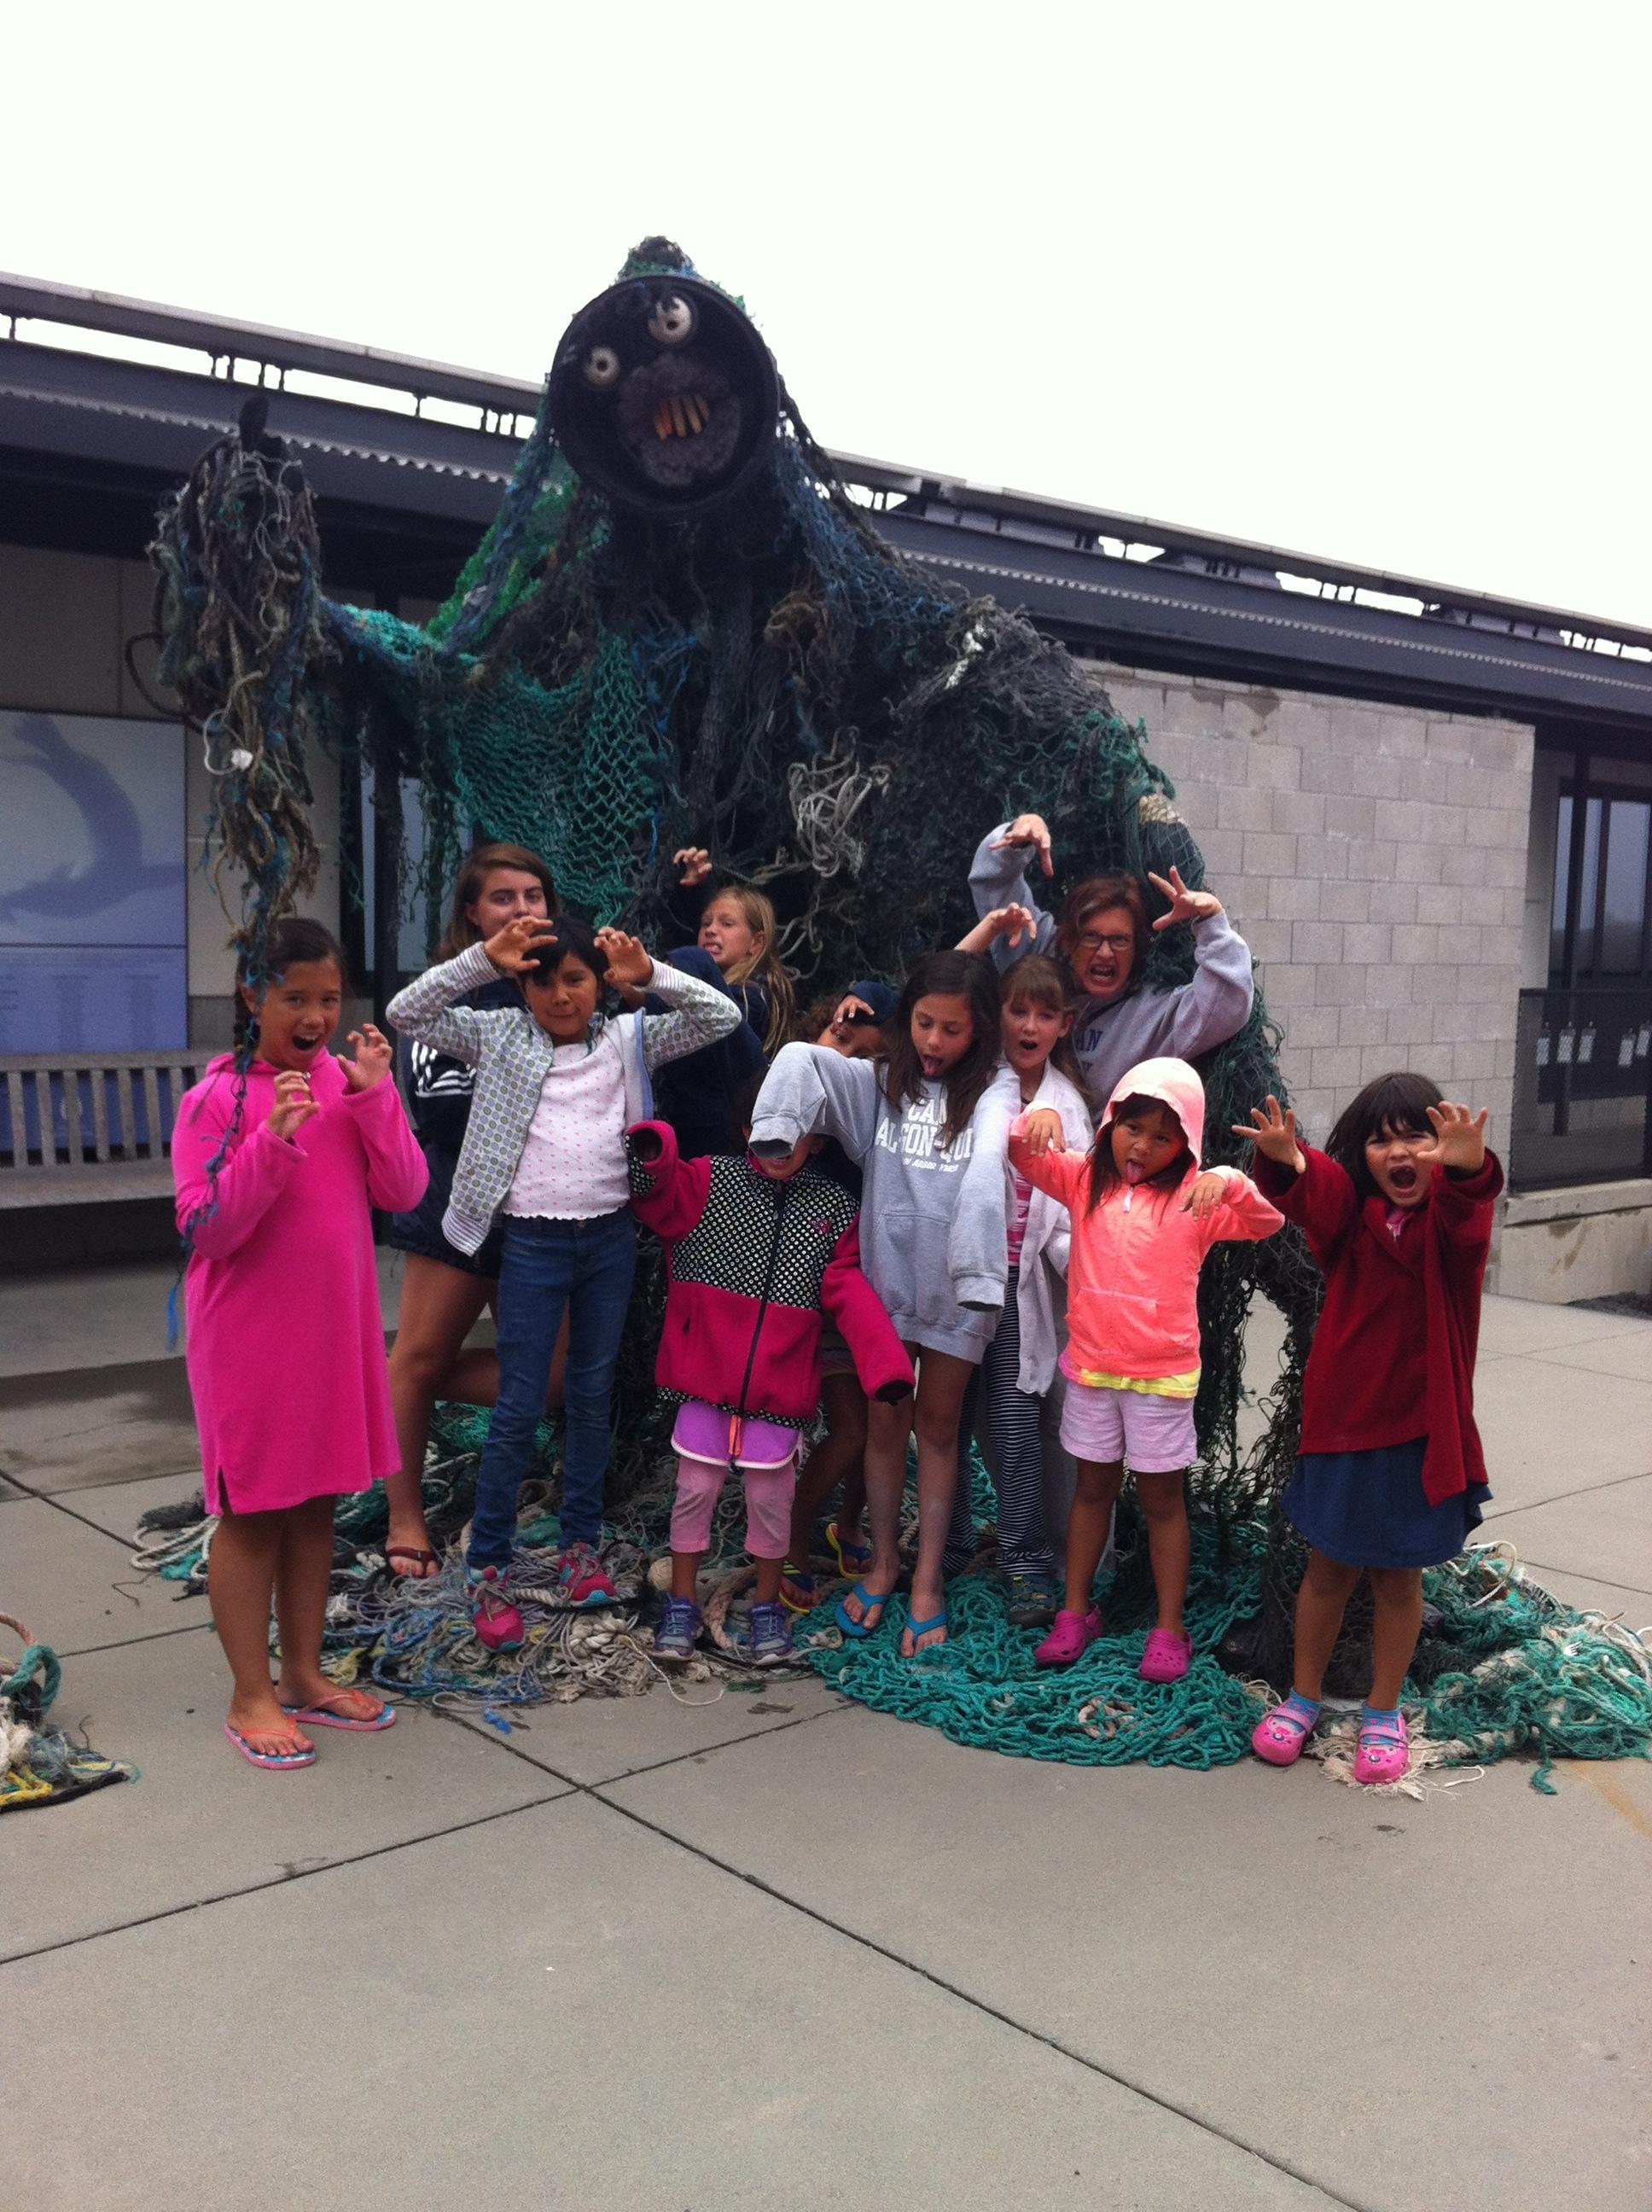 Kids_mammal sculp.jpg